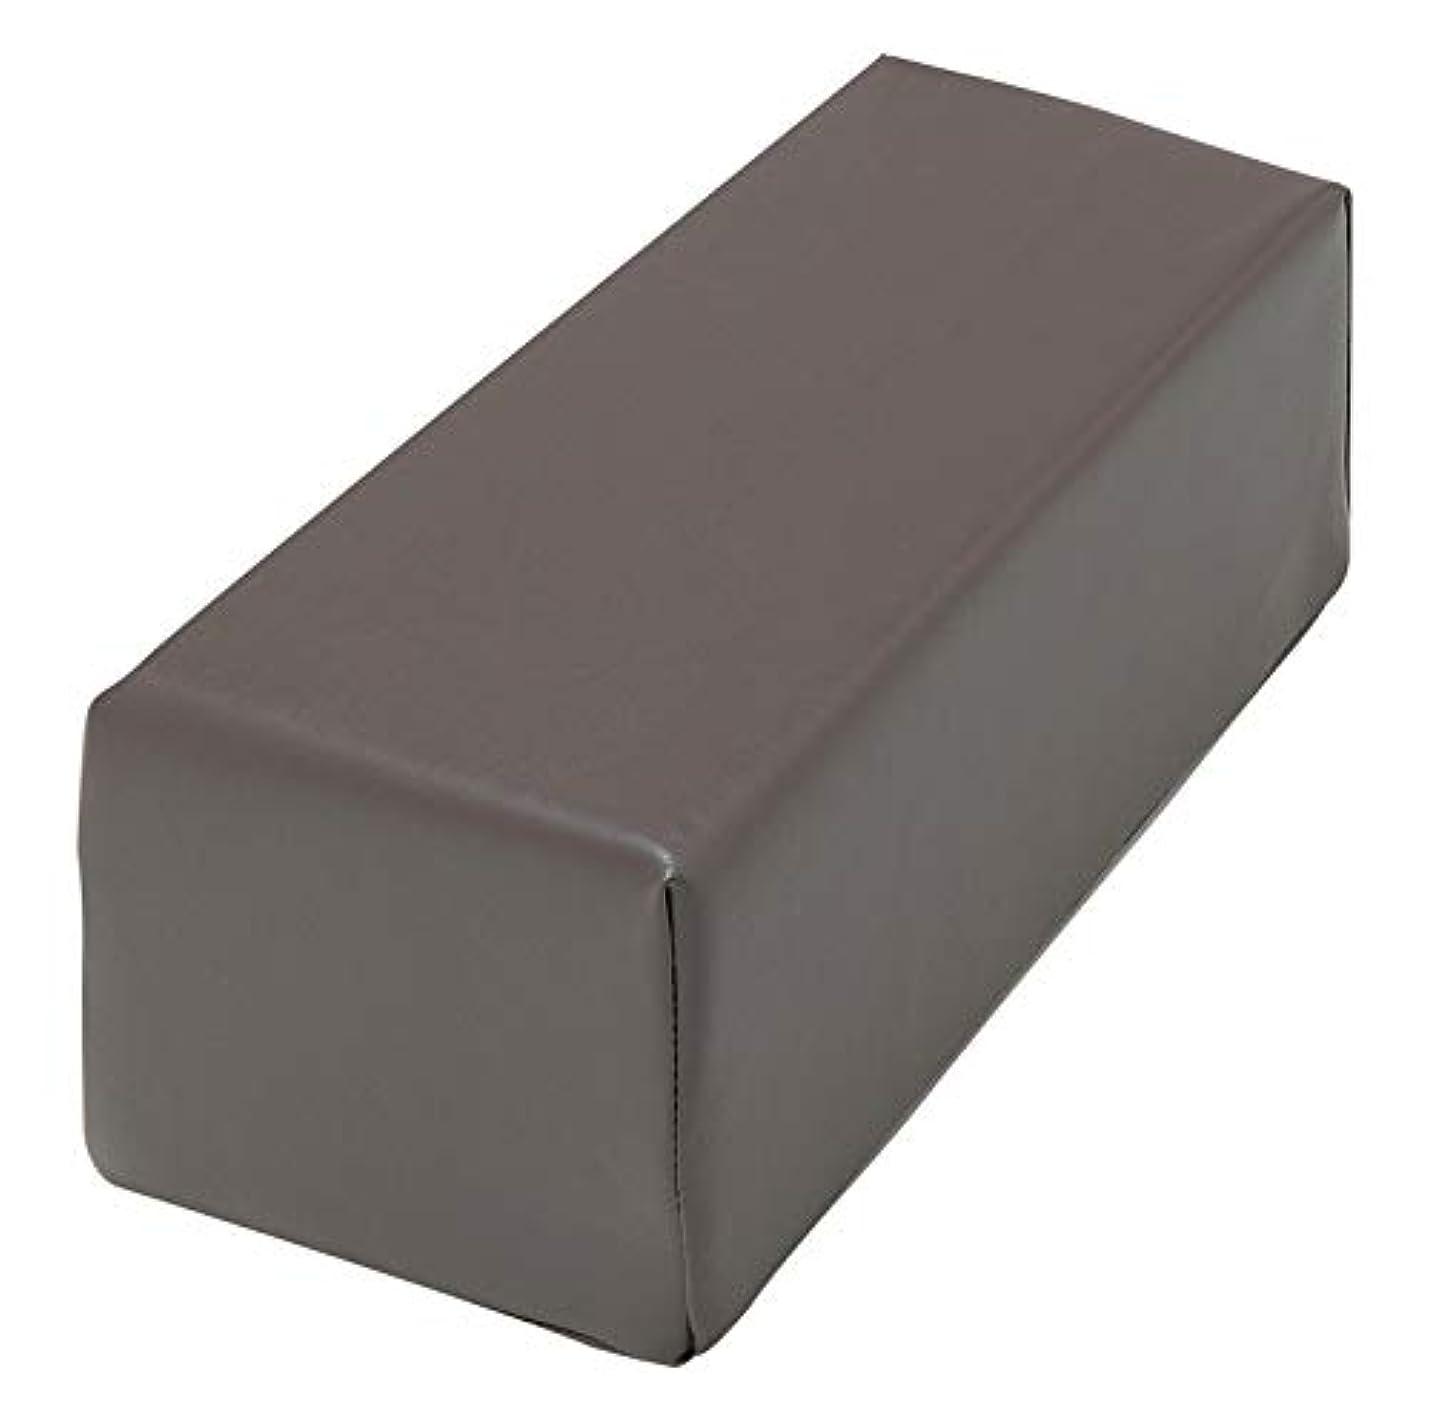 中毒複合近代化角枕 FV-908 (ブラウン) フェイスまくら フェイス枕 うつぶせ枕 マッサージ枕